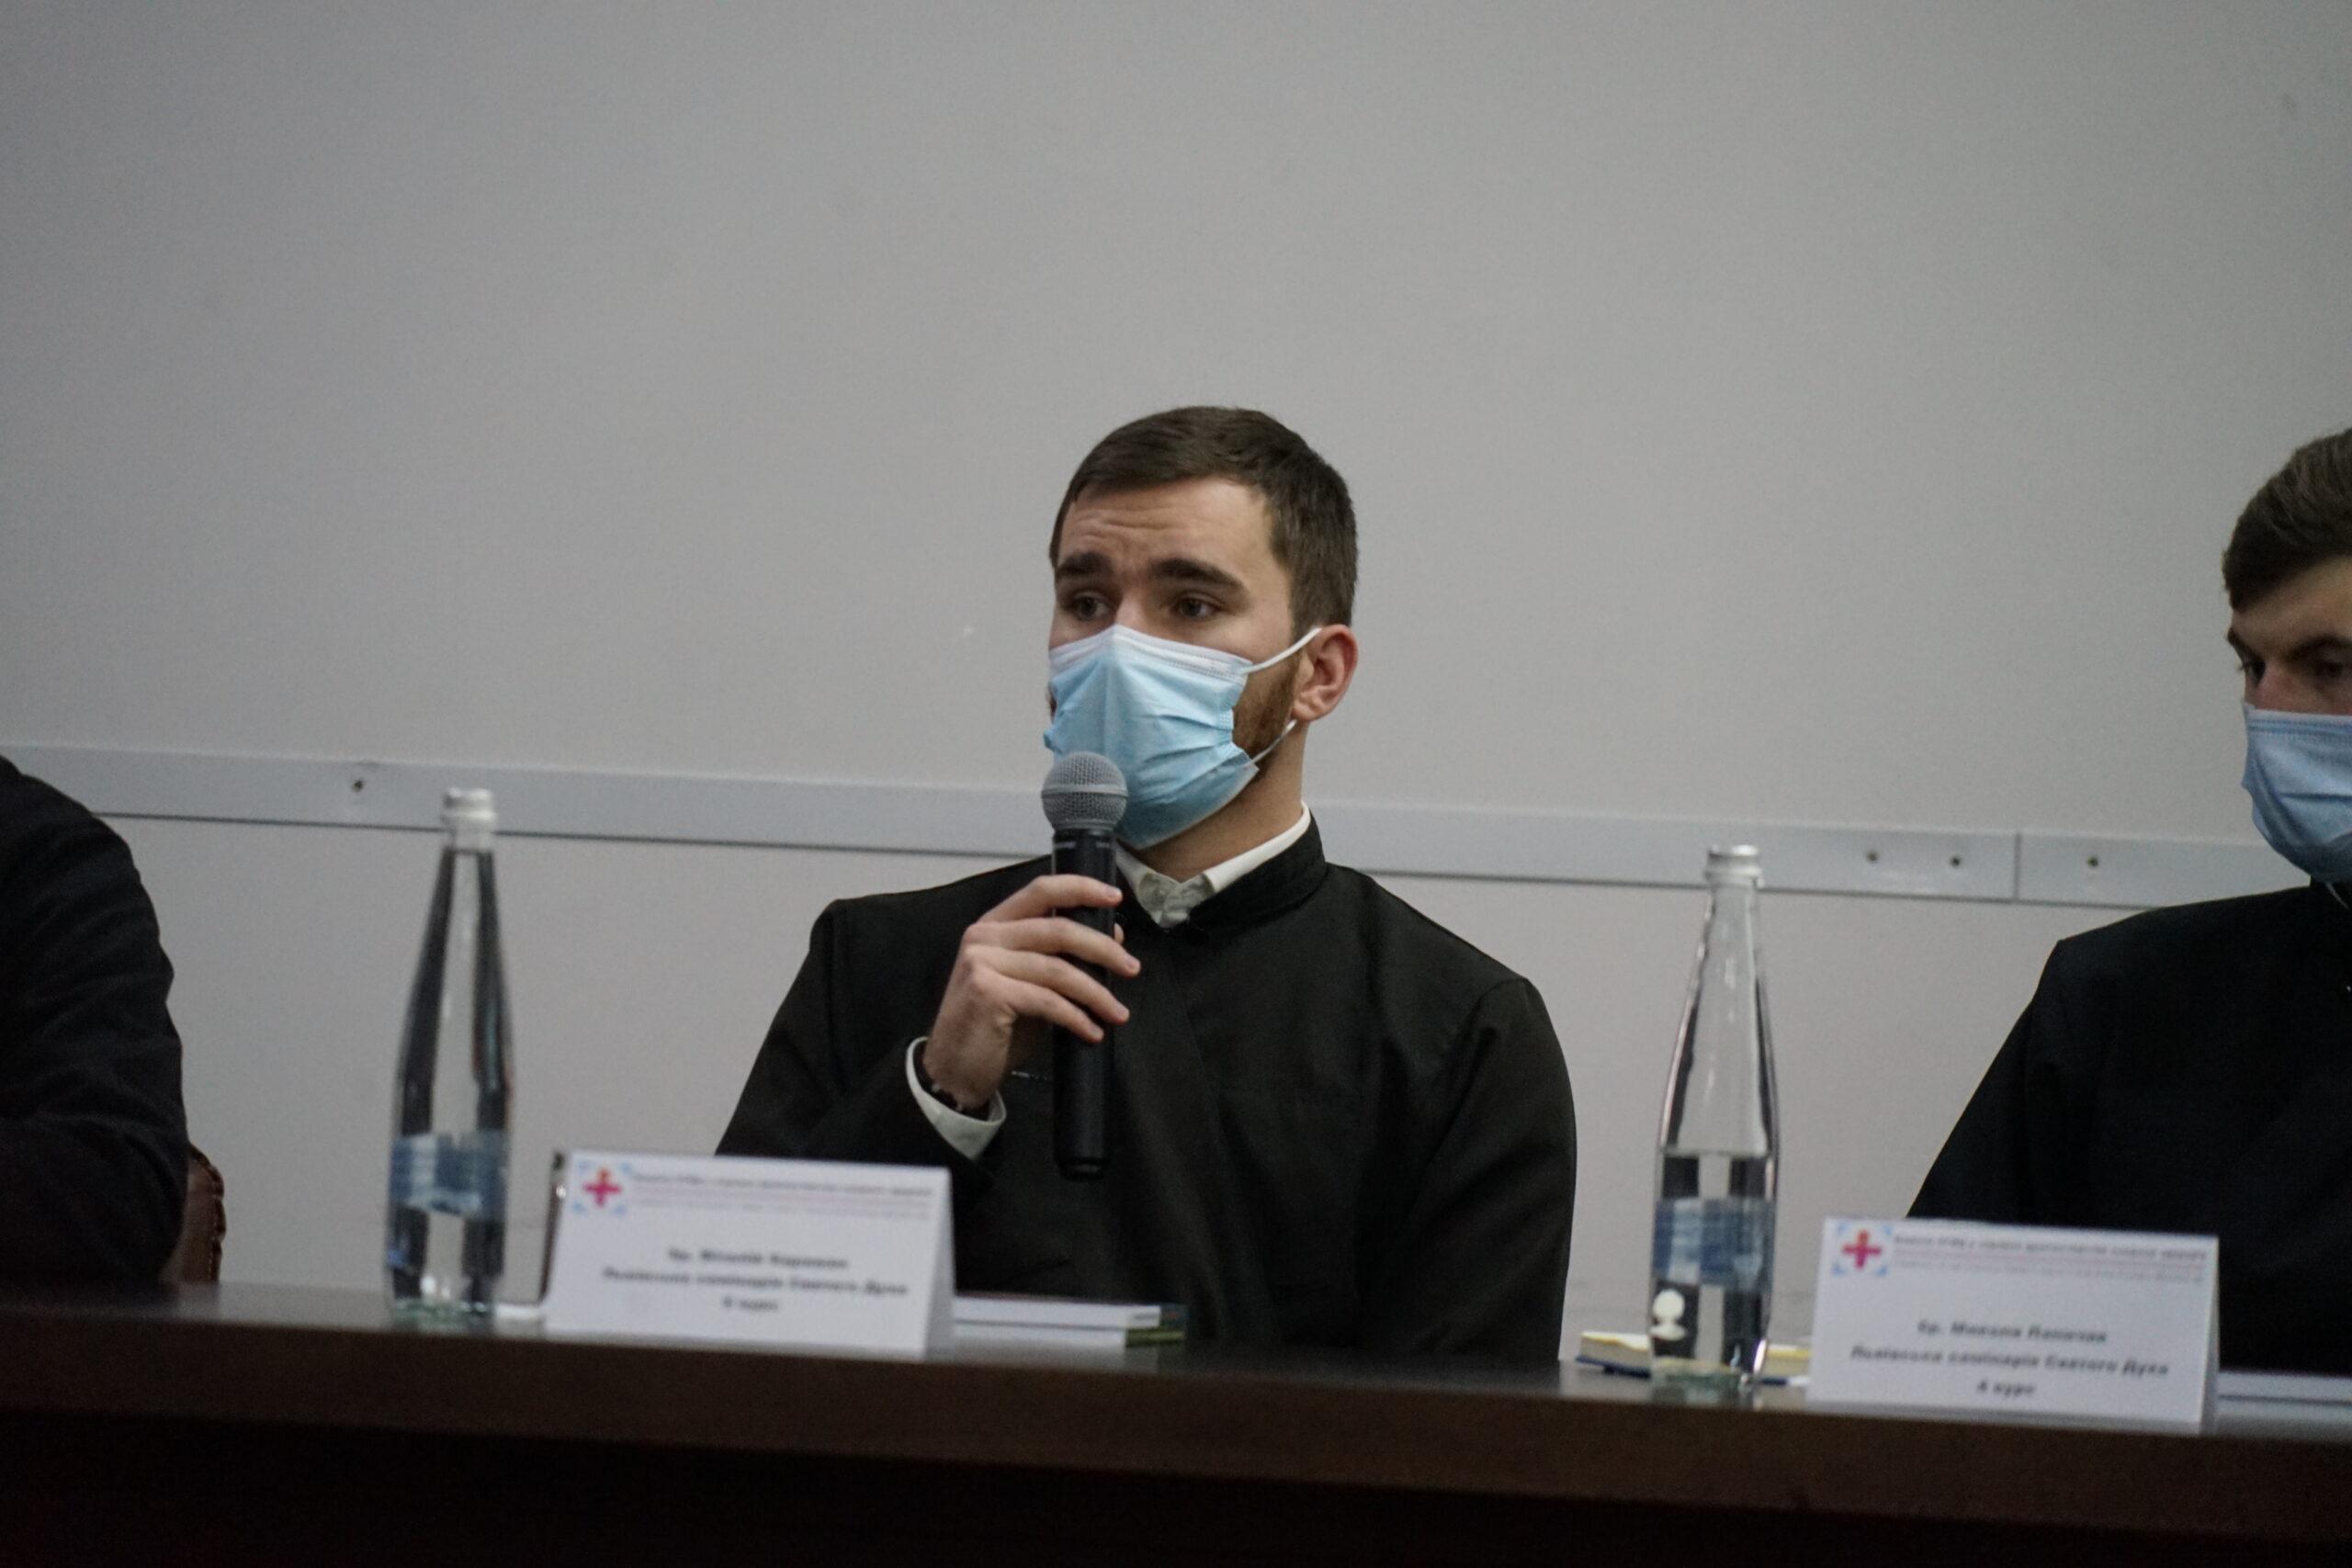 Перспективи розвитку медичного капеланства в Україні обговорили під час круглого столу у Львові_15